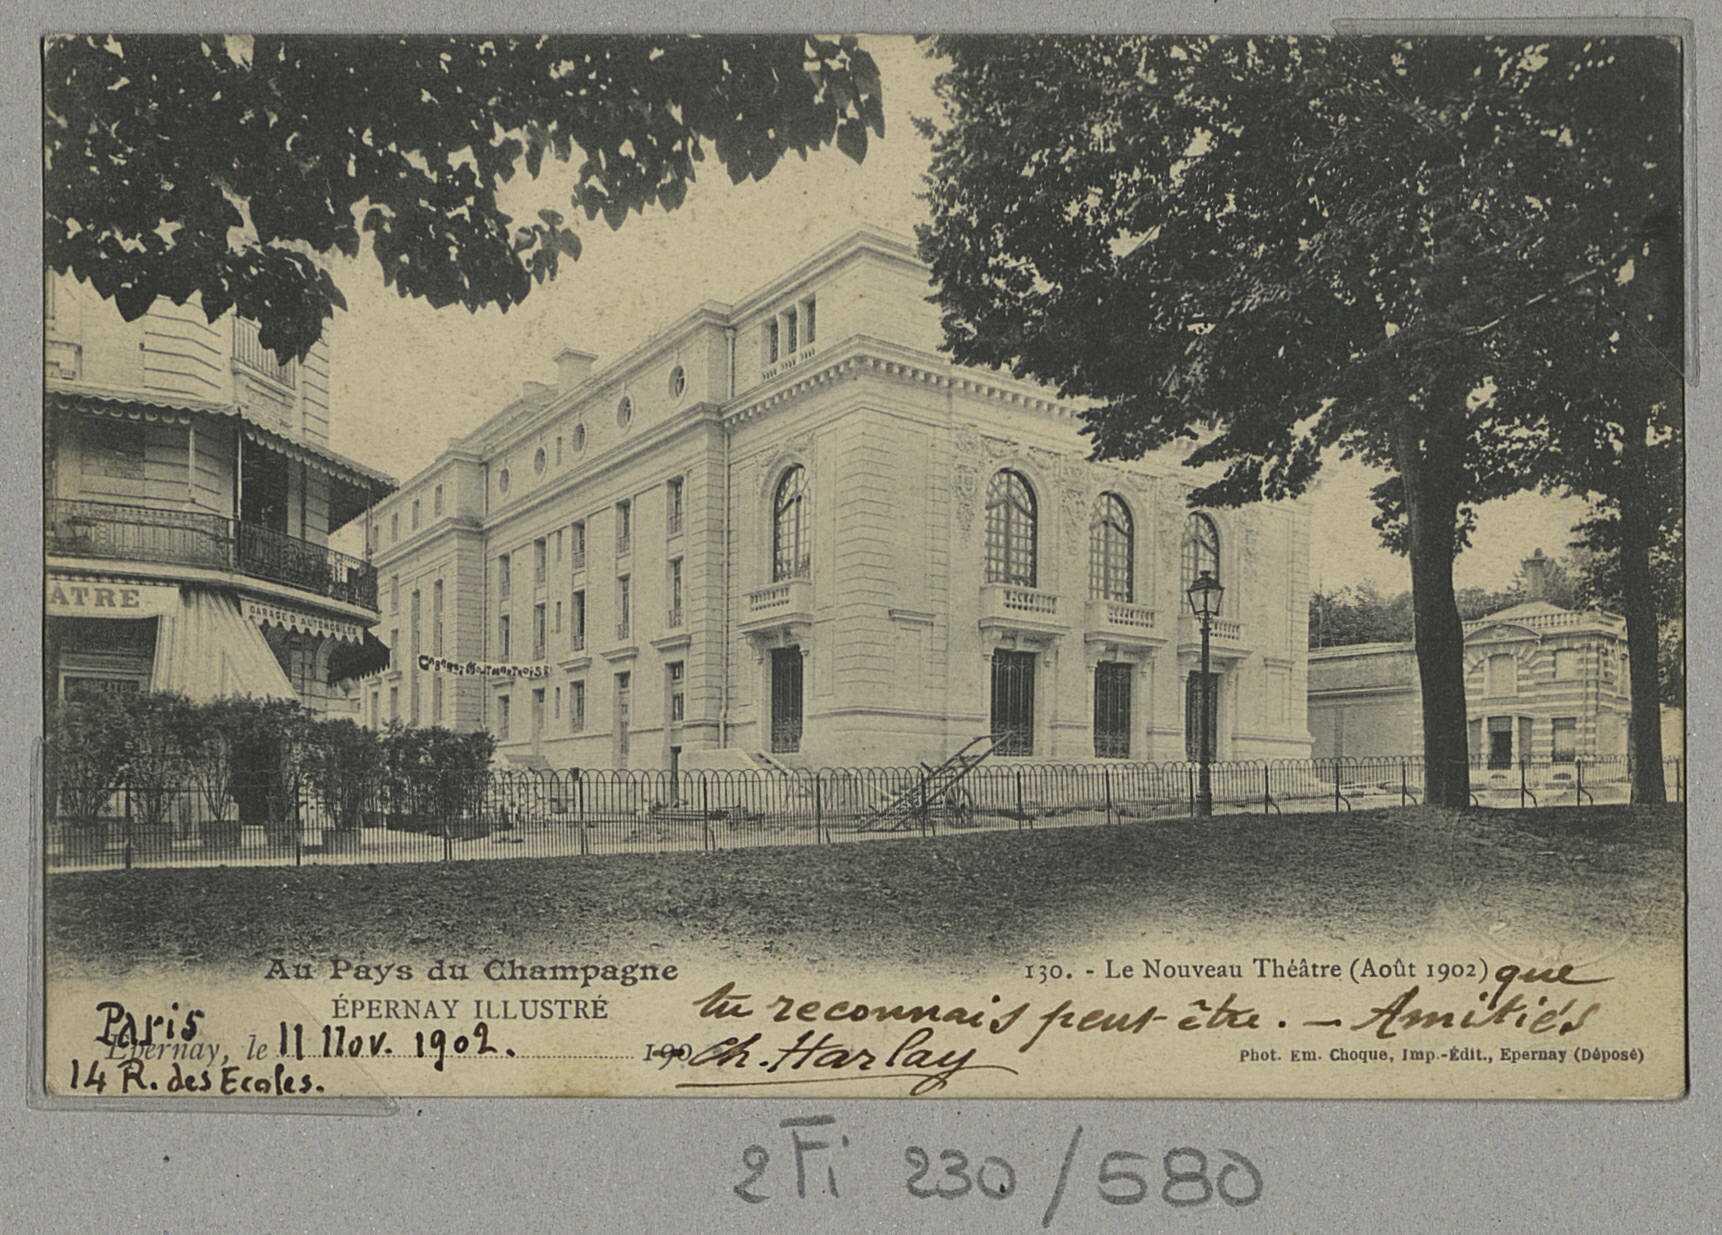 ÉPERNAY. Au pays du Champagne. Épernay illustré - Le nouveau théâtre (août 1902). Epernay E. Choque (51 - Epernay E. Choque). [vers 1902]